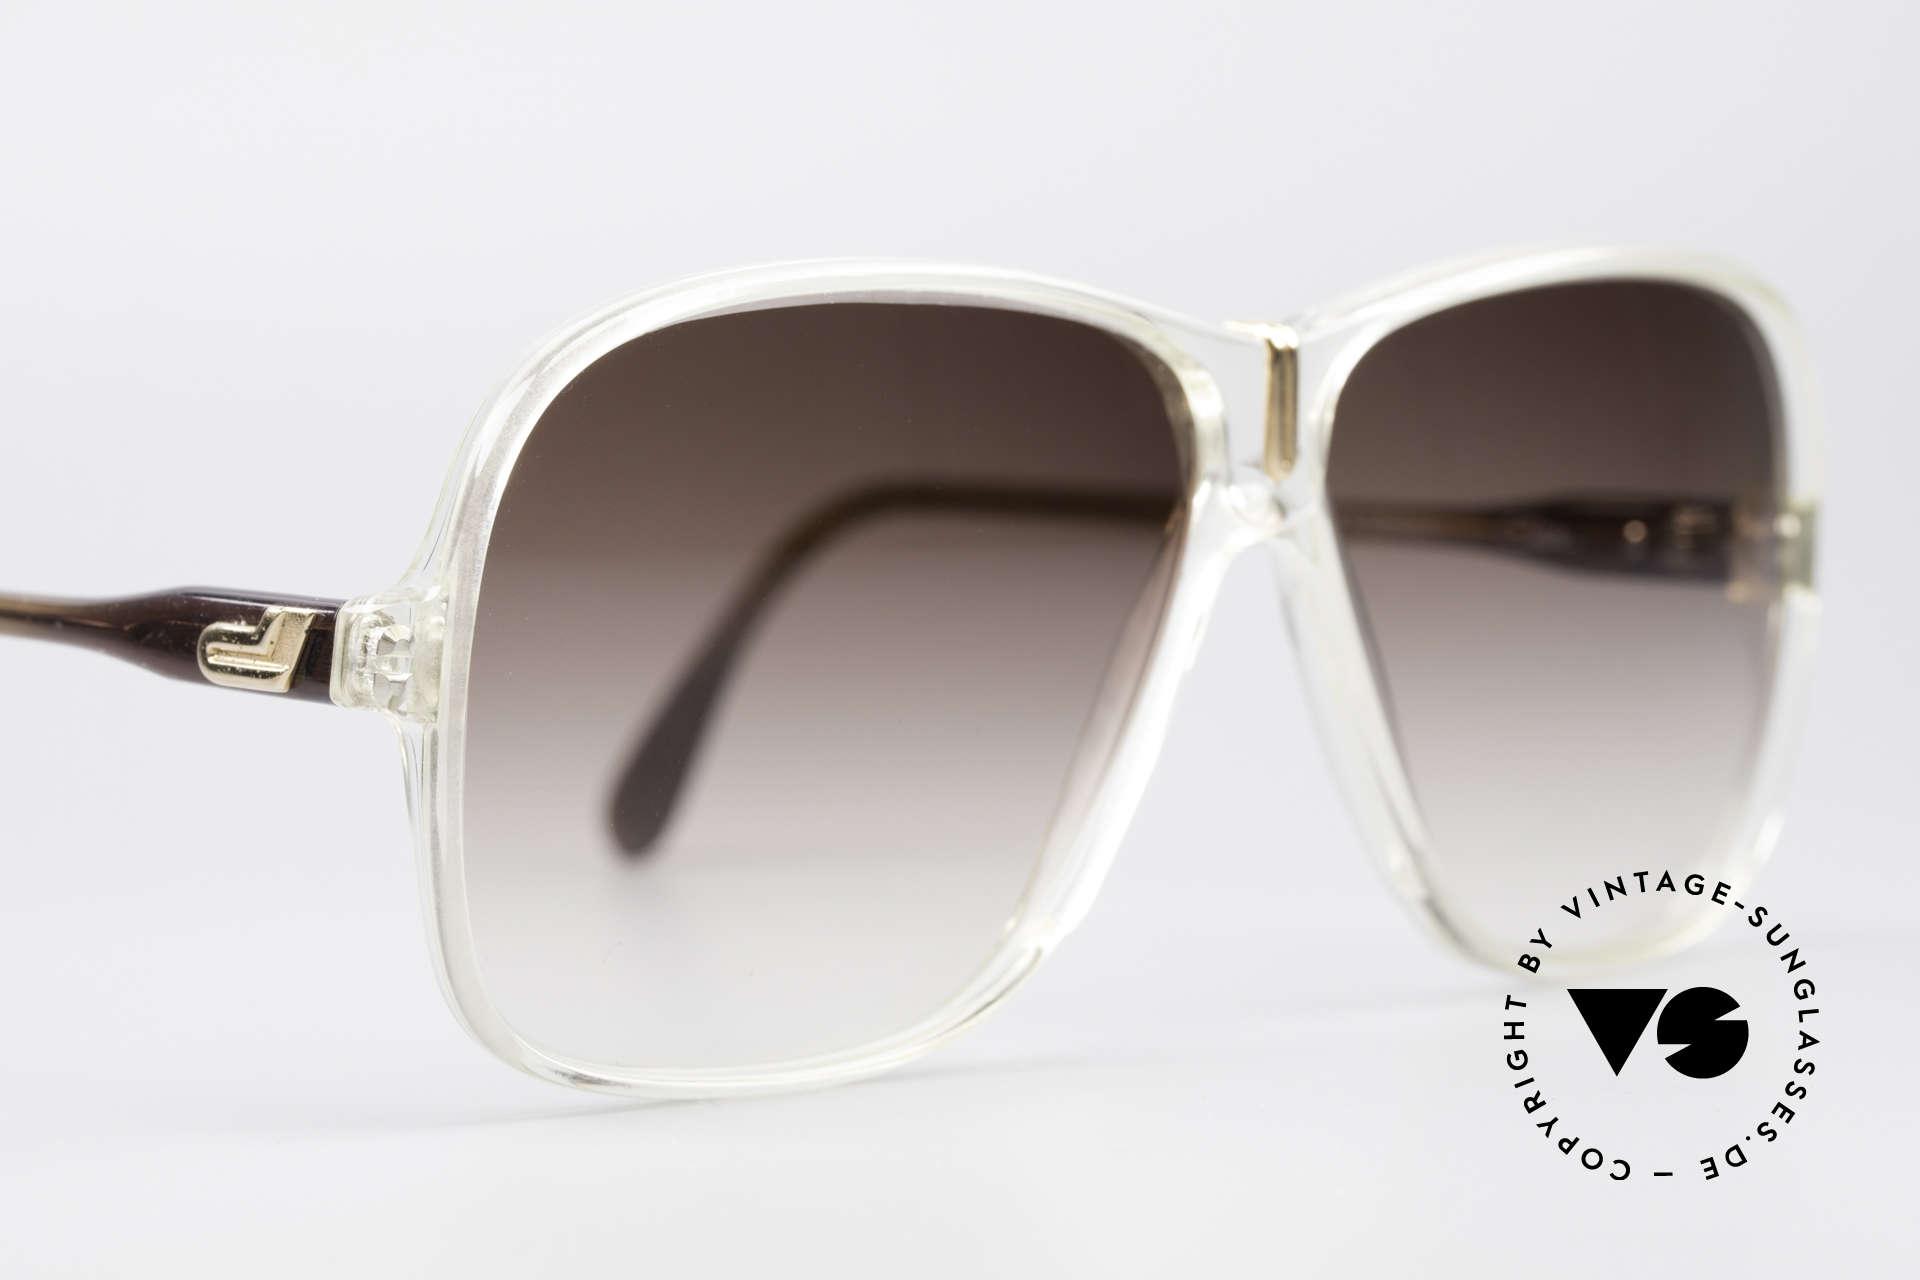 Cazal 621 West Germany Sonnenbrille, KEINE Retromode, jedoch ein vintage ORIGINAL, Passend für Herren